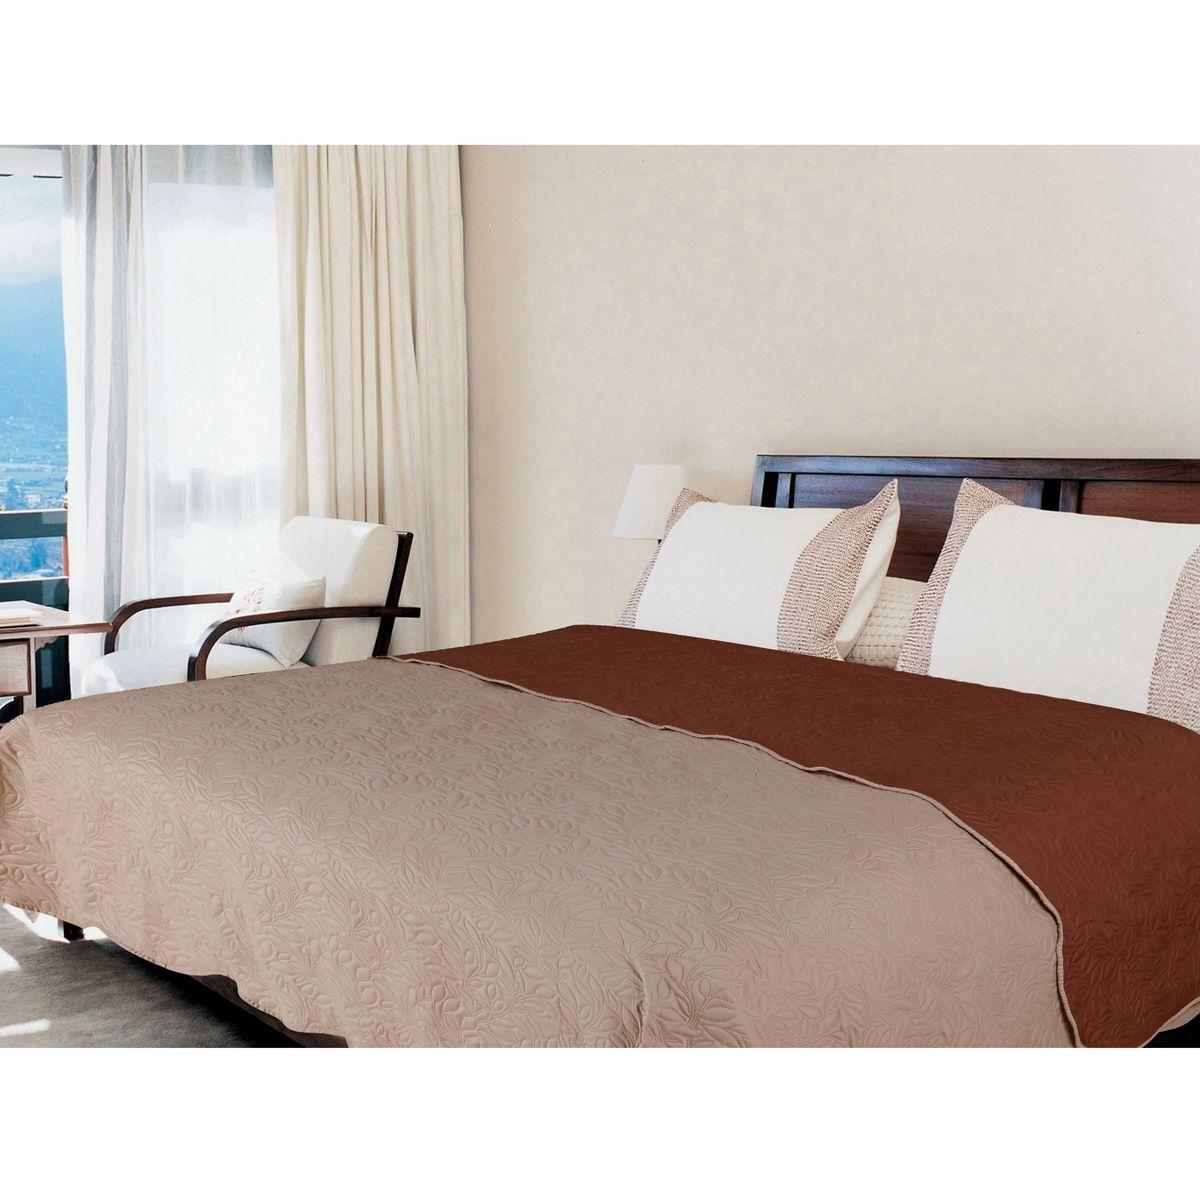 Покрывало Amore Mio Alba, цвет: бежевый, коричневый, 160 х 200 см. 754344630003364517Роскошное покрывало Amore Mio Alba идеально для декора интерьера в различных стилевых решениях. Однотонное изделие изготовлено из высококачественного полиэстера и оформлено рельефным рисунком. Покрывало Amore Mio Alba будет превосходно дополнять интерьер вашей спальни или станет прекрасным подарком любому человеку.Ручная стирка при 30°С. Не гладить, не отбеливать.